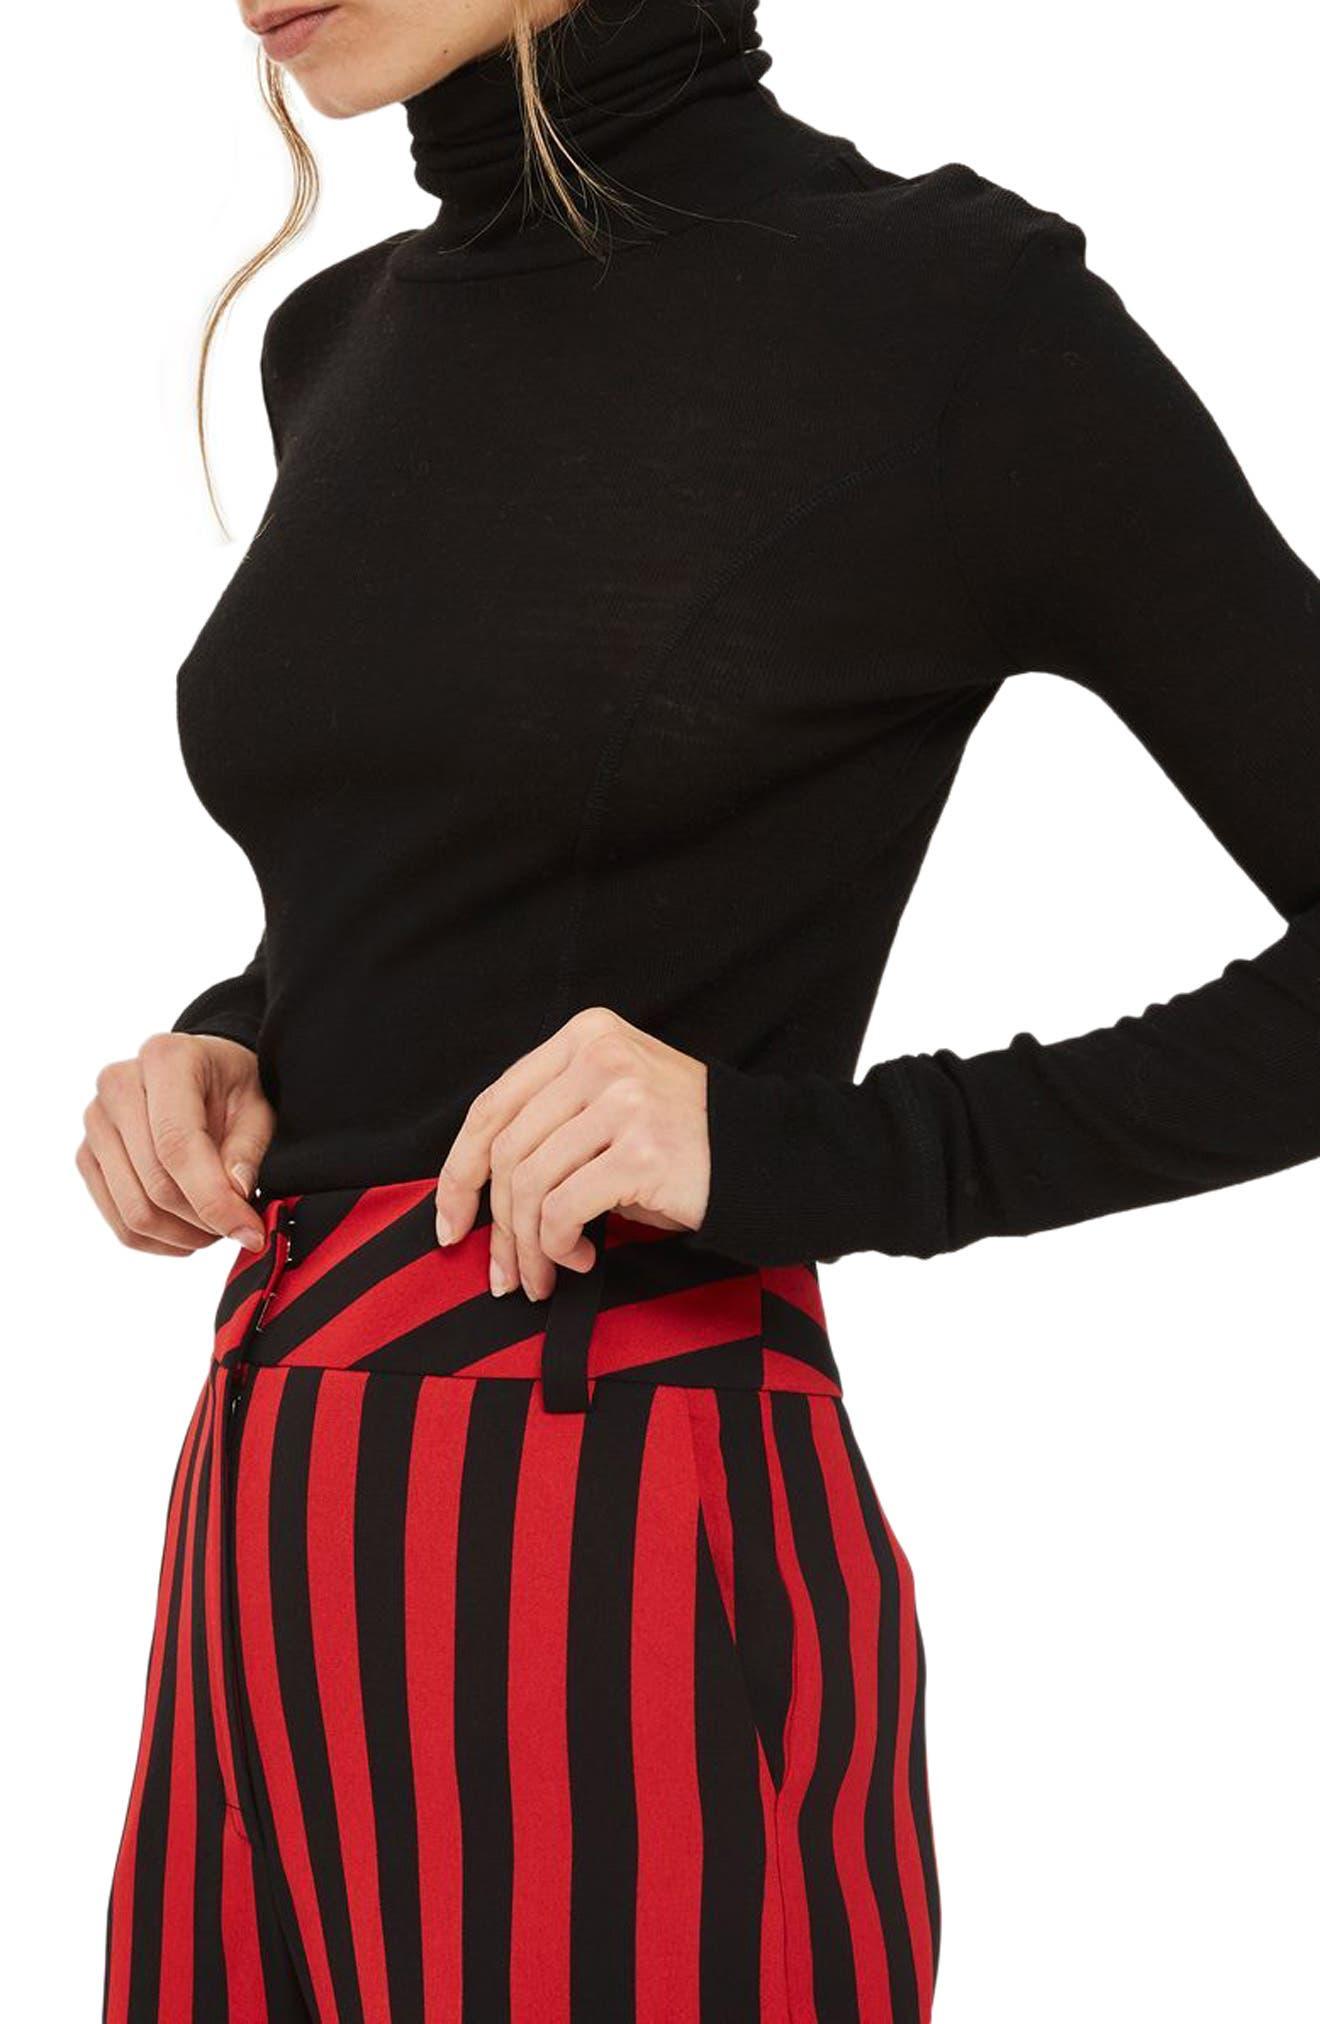 Humbug Stripe Trousers,                             Alternate thumbnail 6, color,